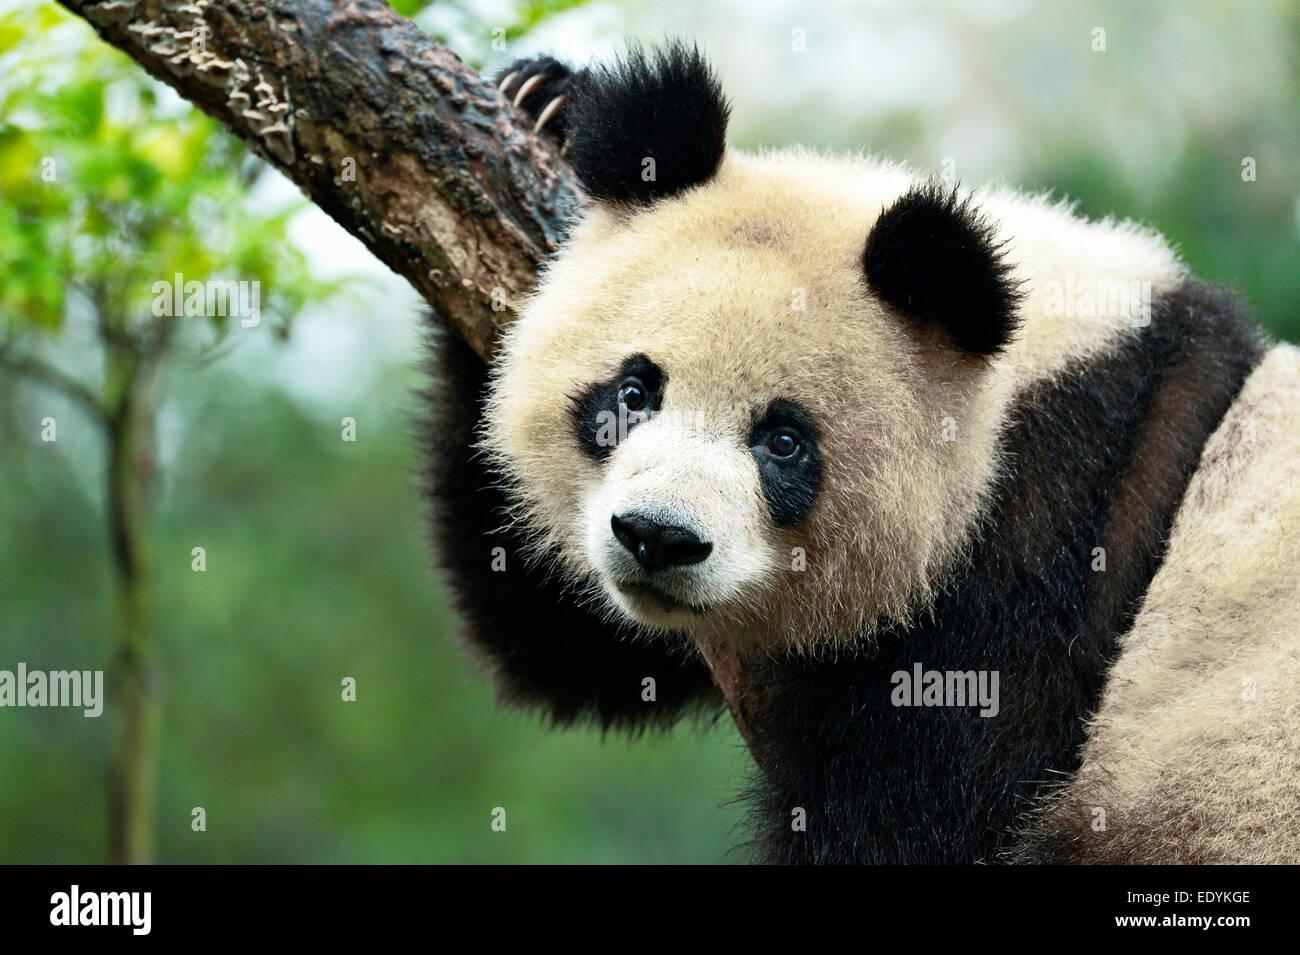 Panda géant (Ailuropoda melanoleuca) perché sur un arbre, captive, Chengdu Research Base de reproduction Photo Stock